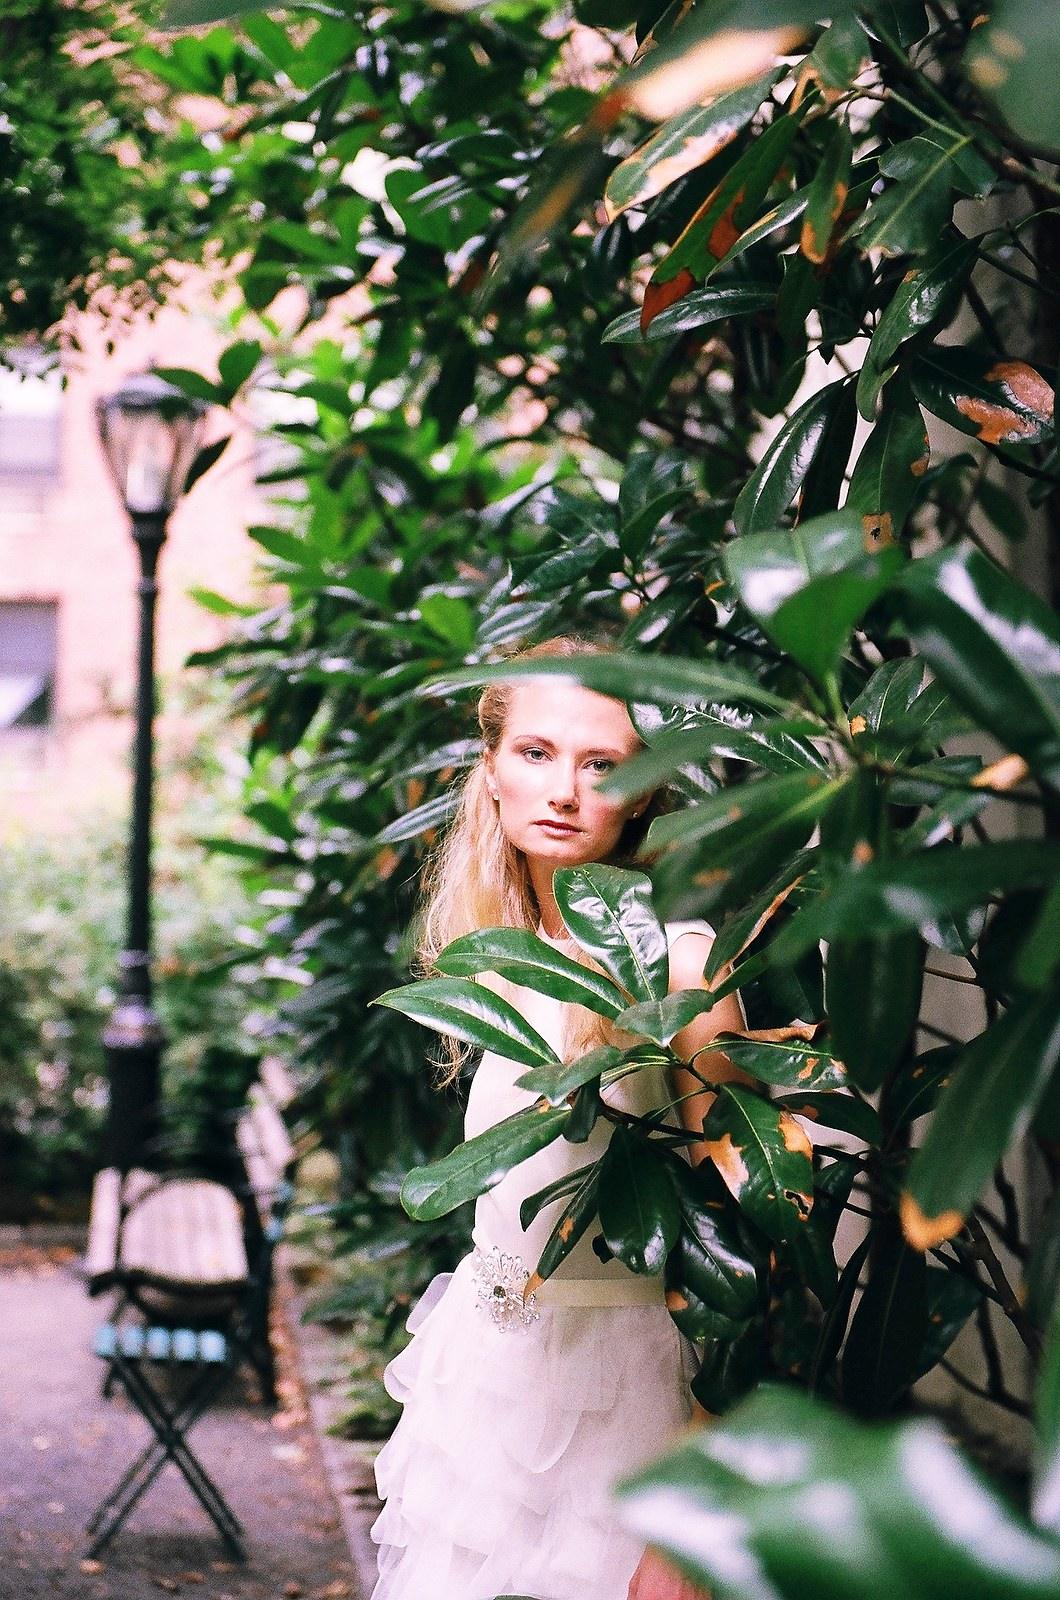 fine art photo of bride in dress hidden behind leaves in garden